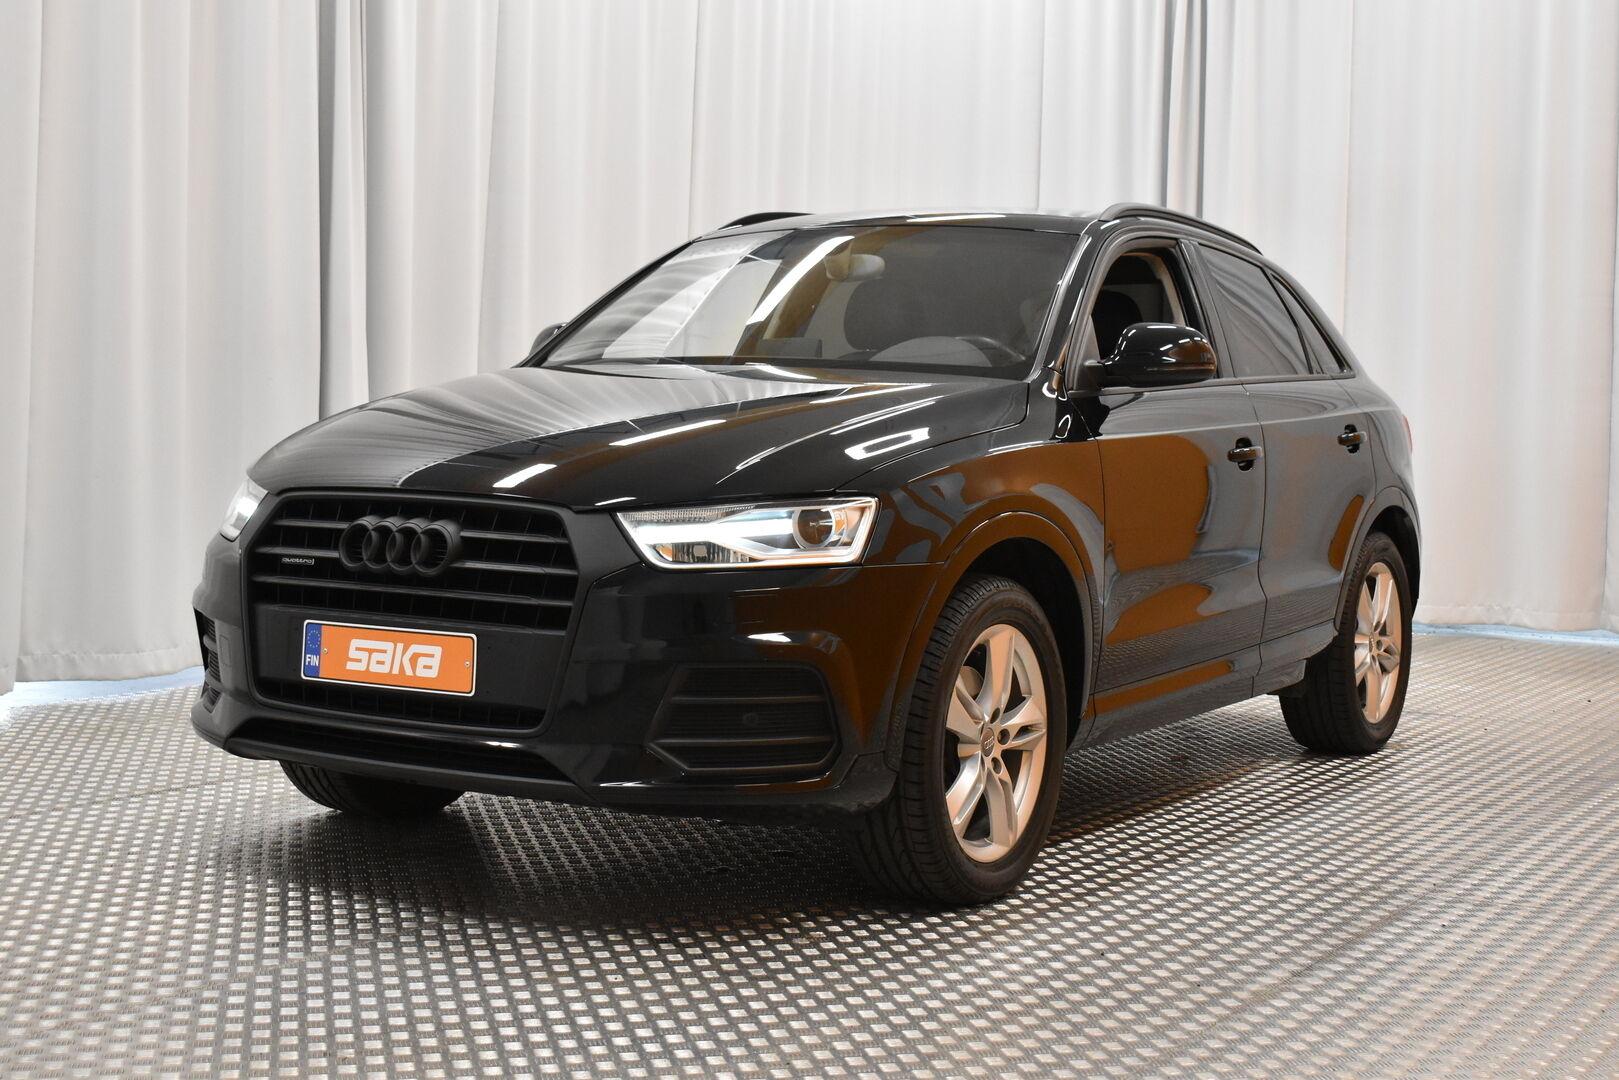 Musta Maastoauto, Audi Q3 – JÄR-13851, kuva 3